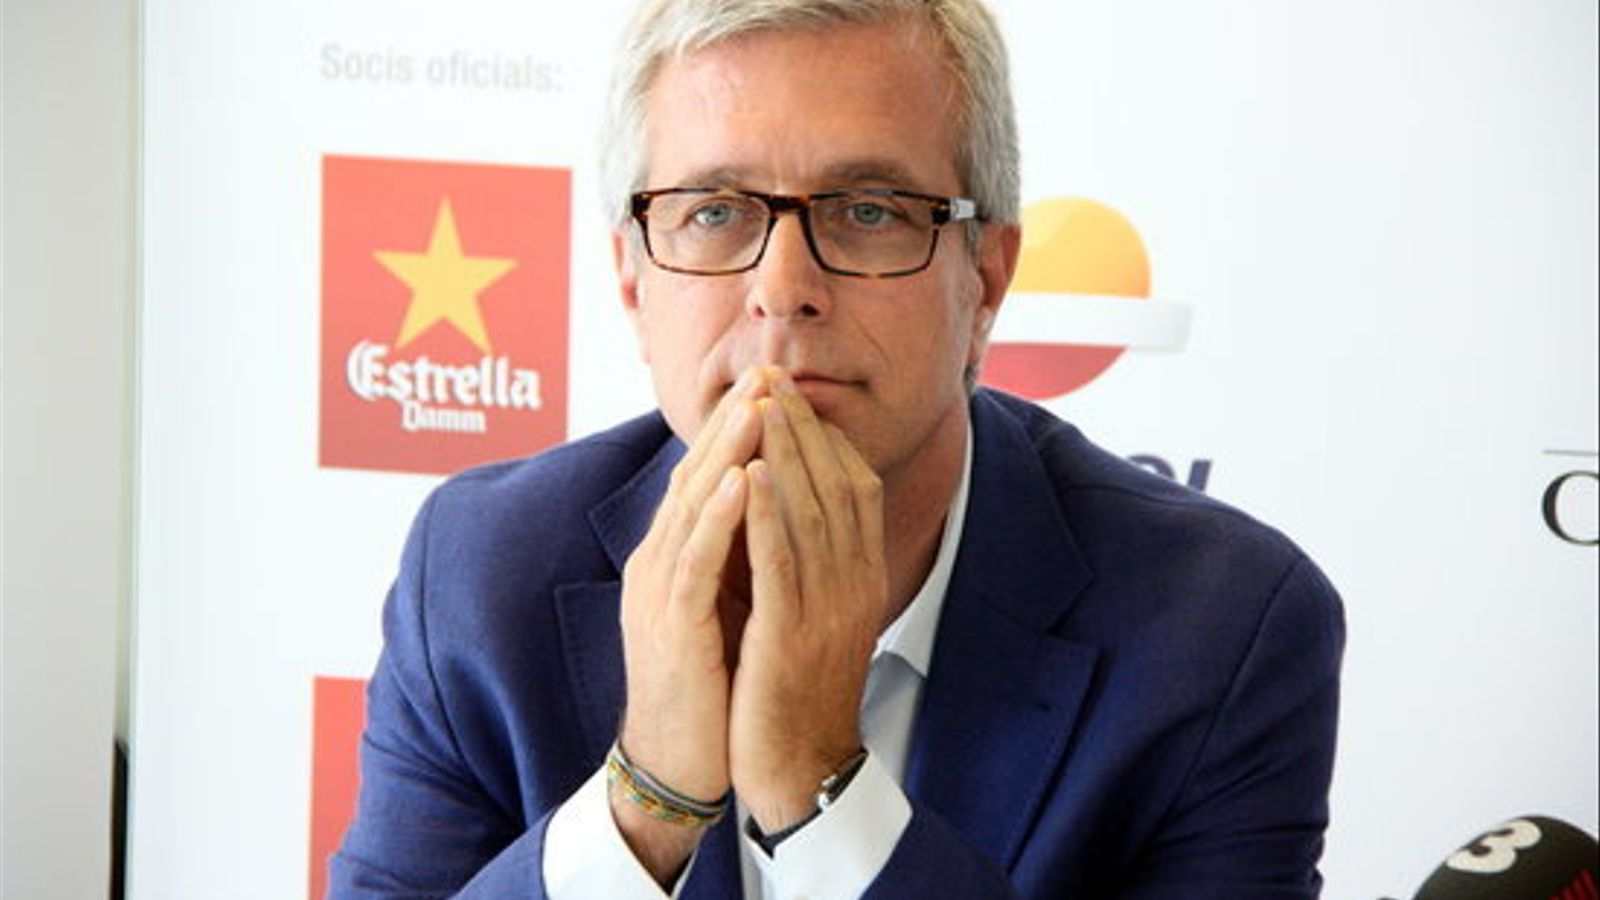 L'alcalde de Tarragona, Josep Fèlix Ballesteros, minuts abans de començar la roda de premsa